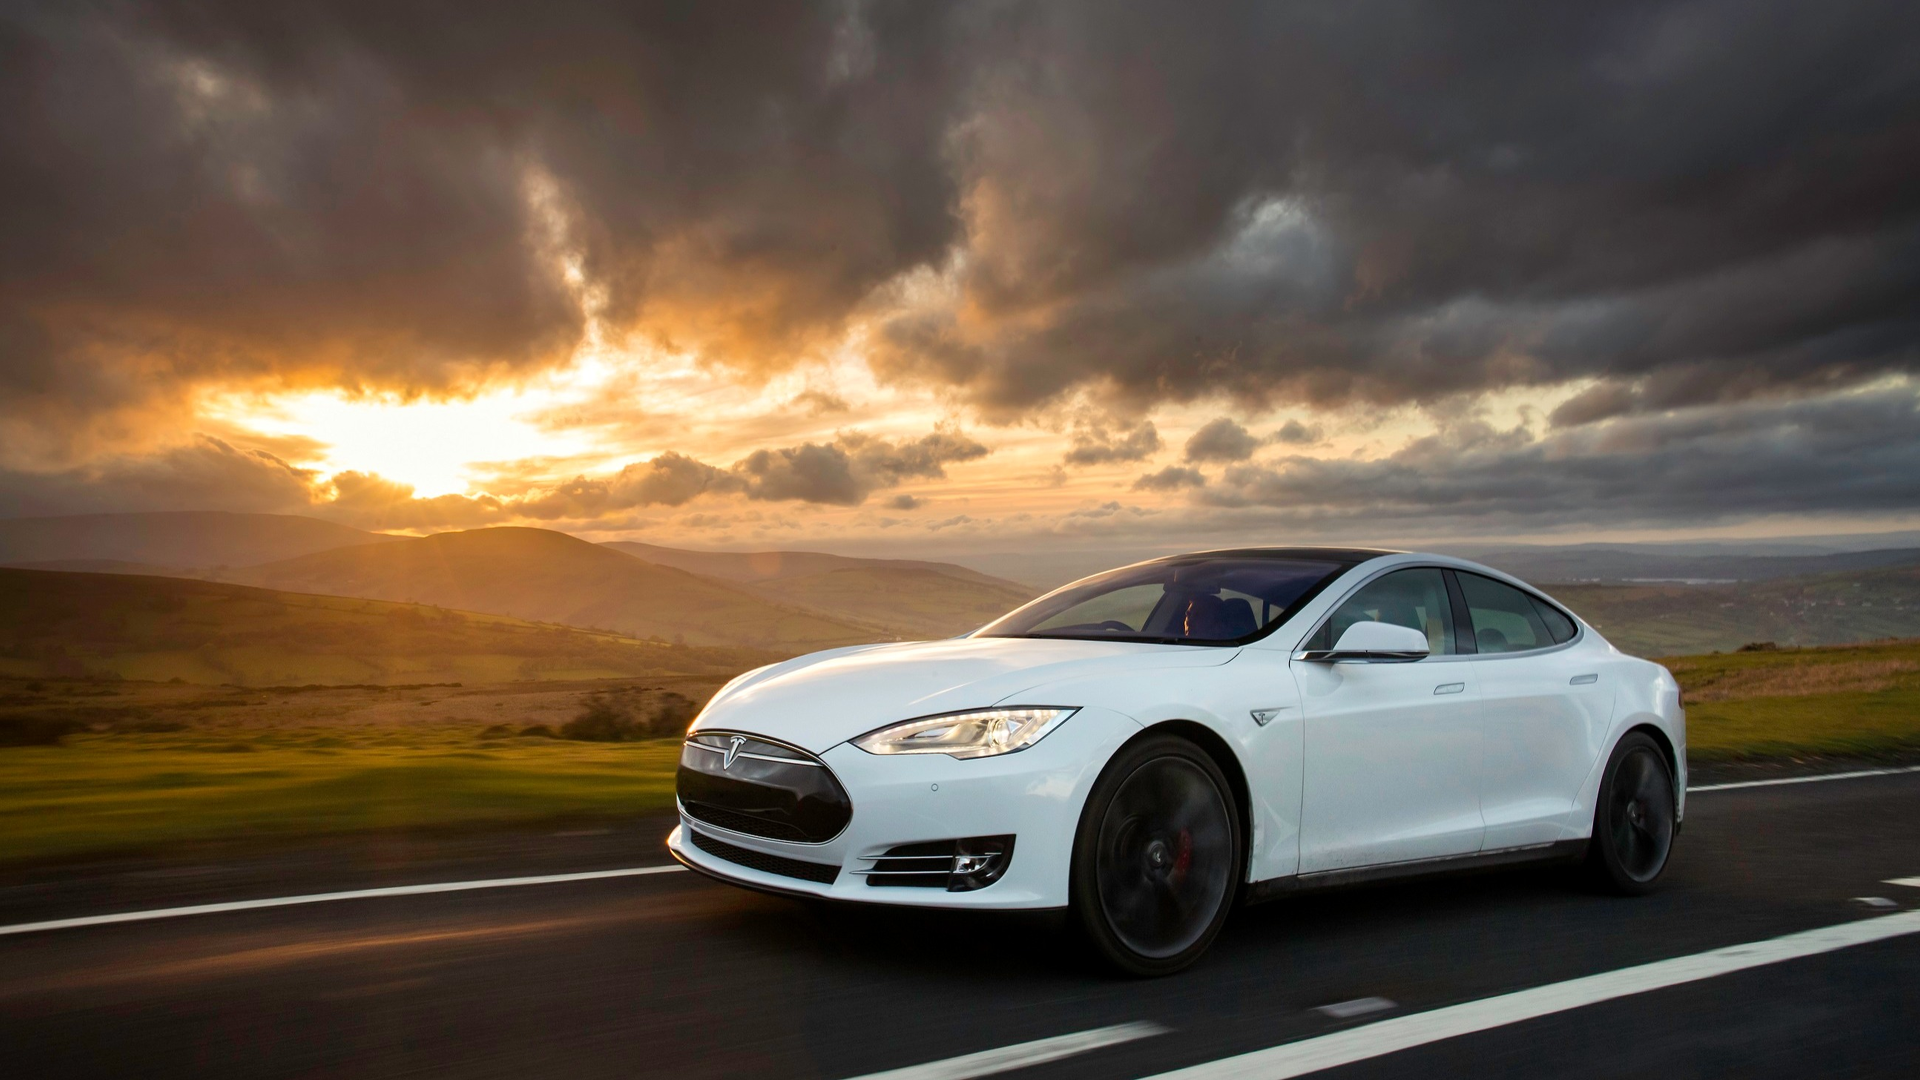 Researchers uncover Tesla Autopilot vulnerability